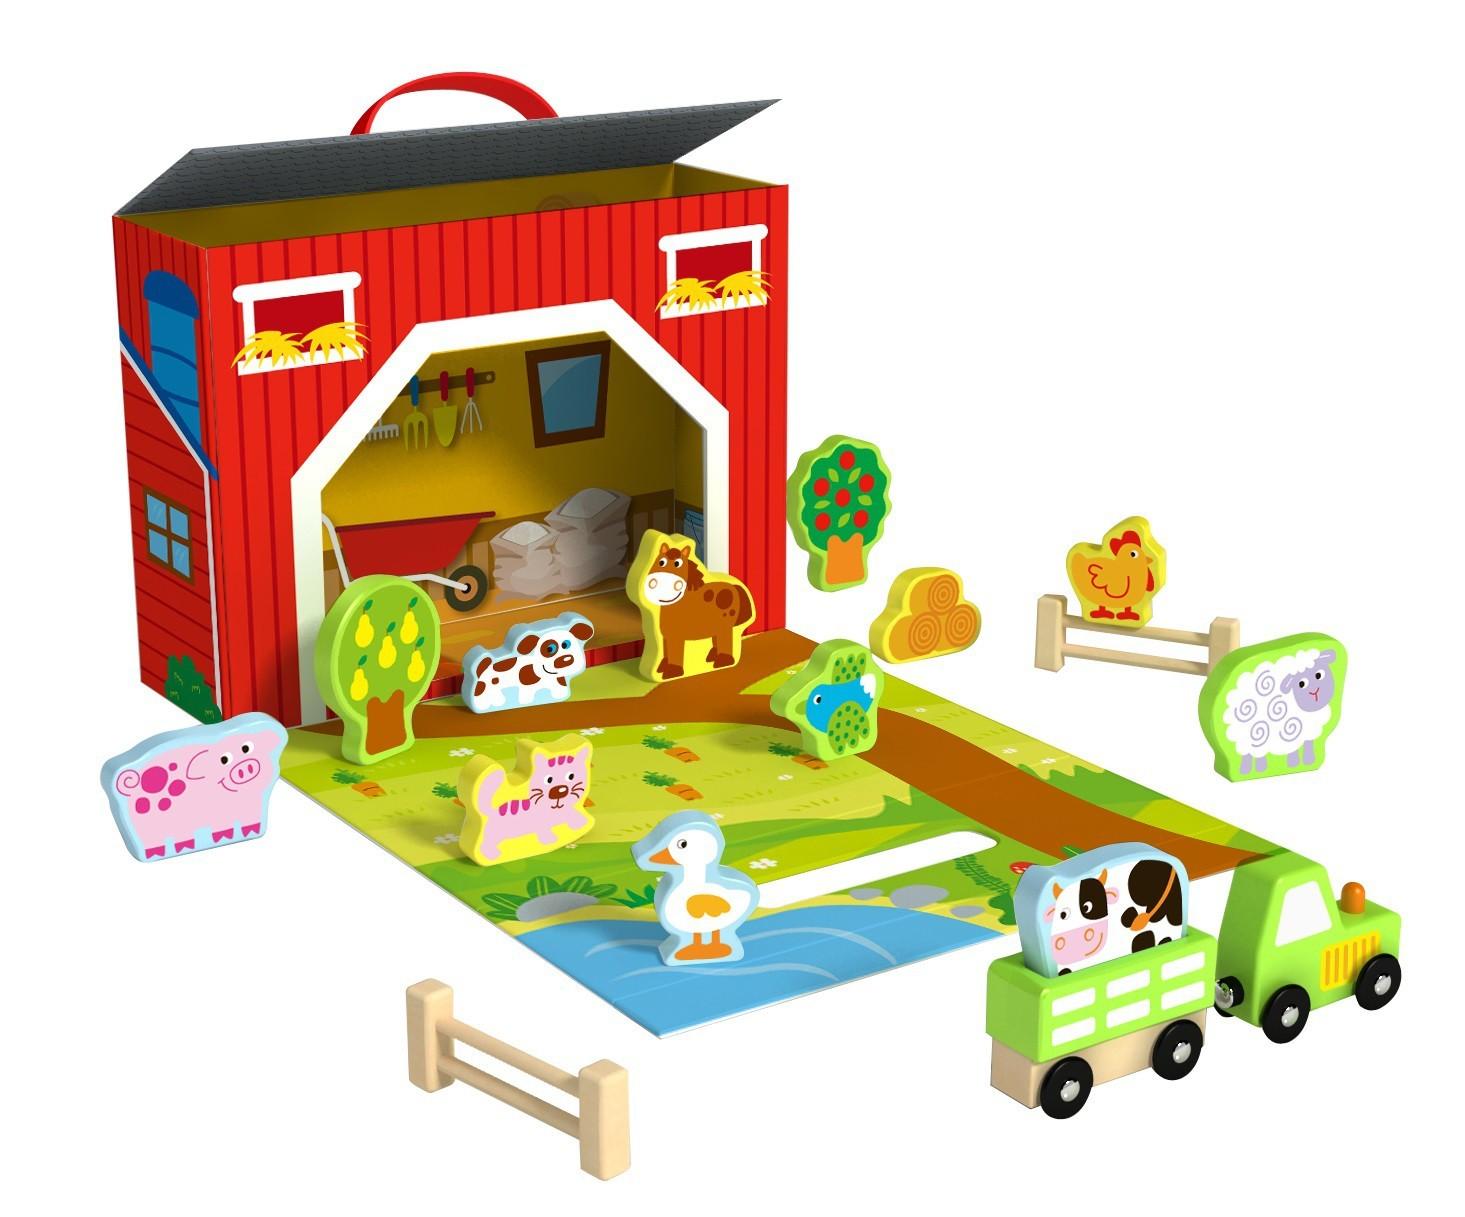 Brinquedo de Madeira Caixa Divertida Fazenda